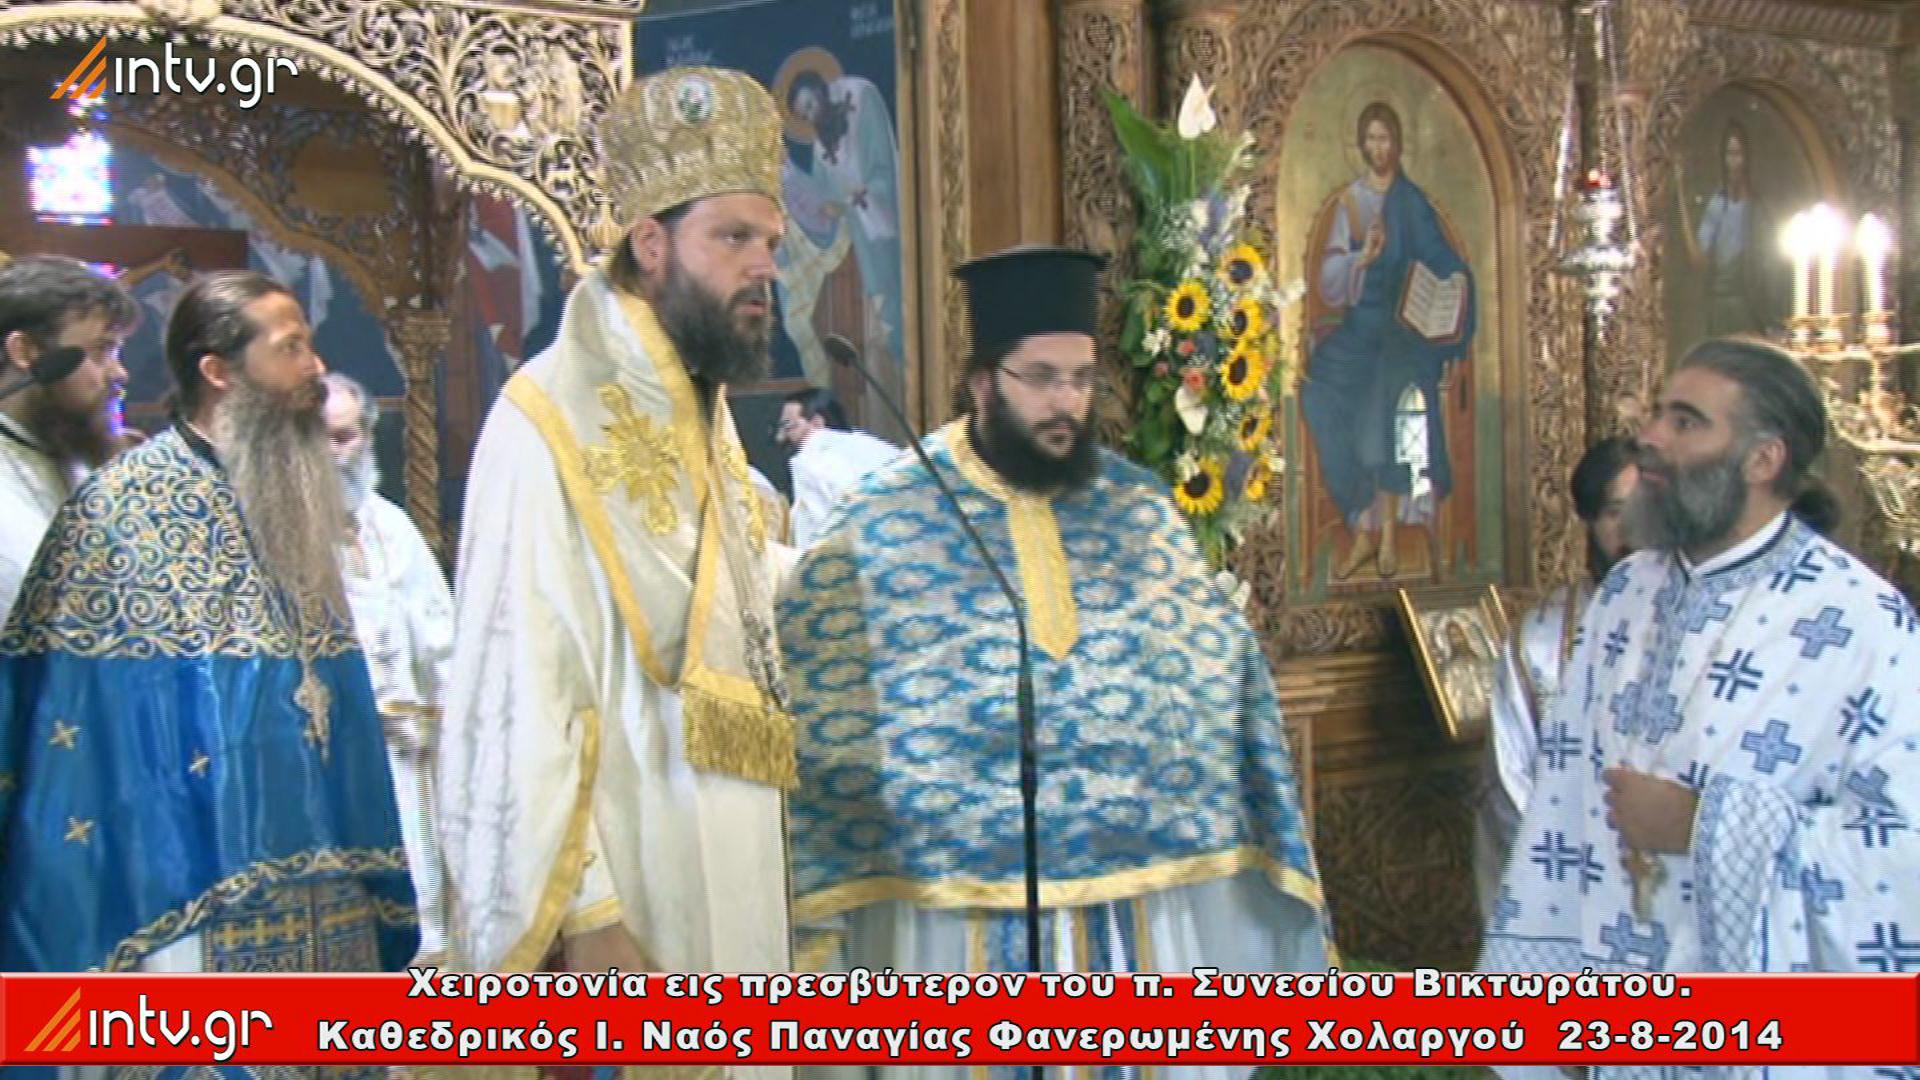 Αρχιερατική Θεία Λειτουργία και Χειροτονία εις πρεσβύτερο του π. Συνεσίου Βικτωράτου, ιερουργούντος και ομιλούντος υπό του Θεοφιλεστάτου Επισκόπου Διαυλείας κ. Γαβριήλ.